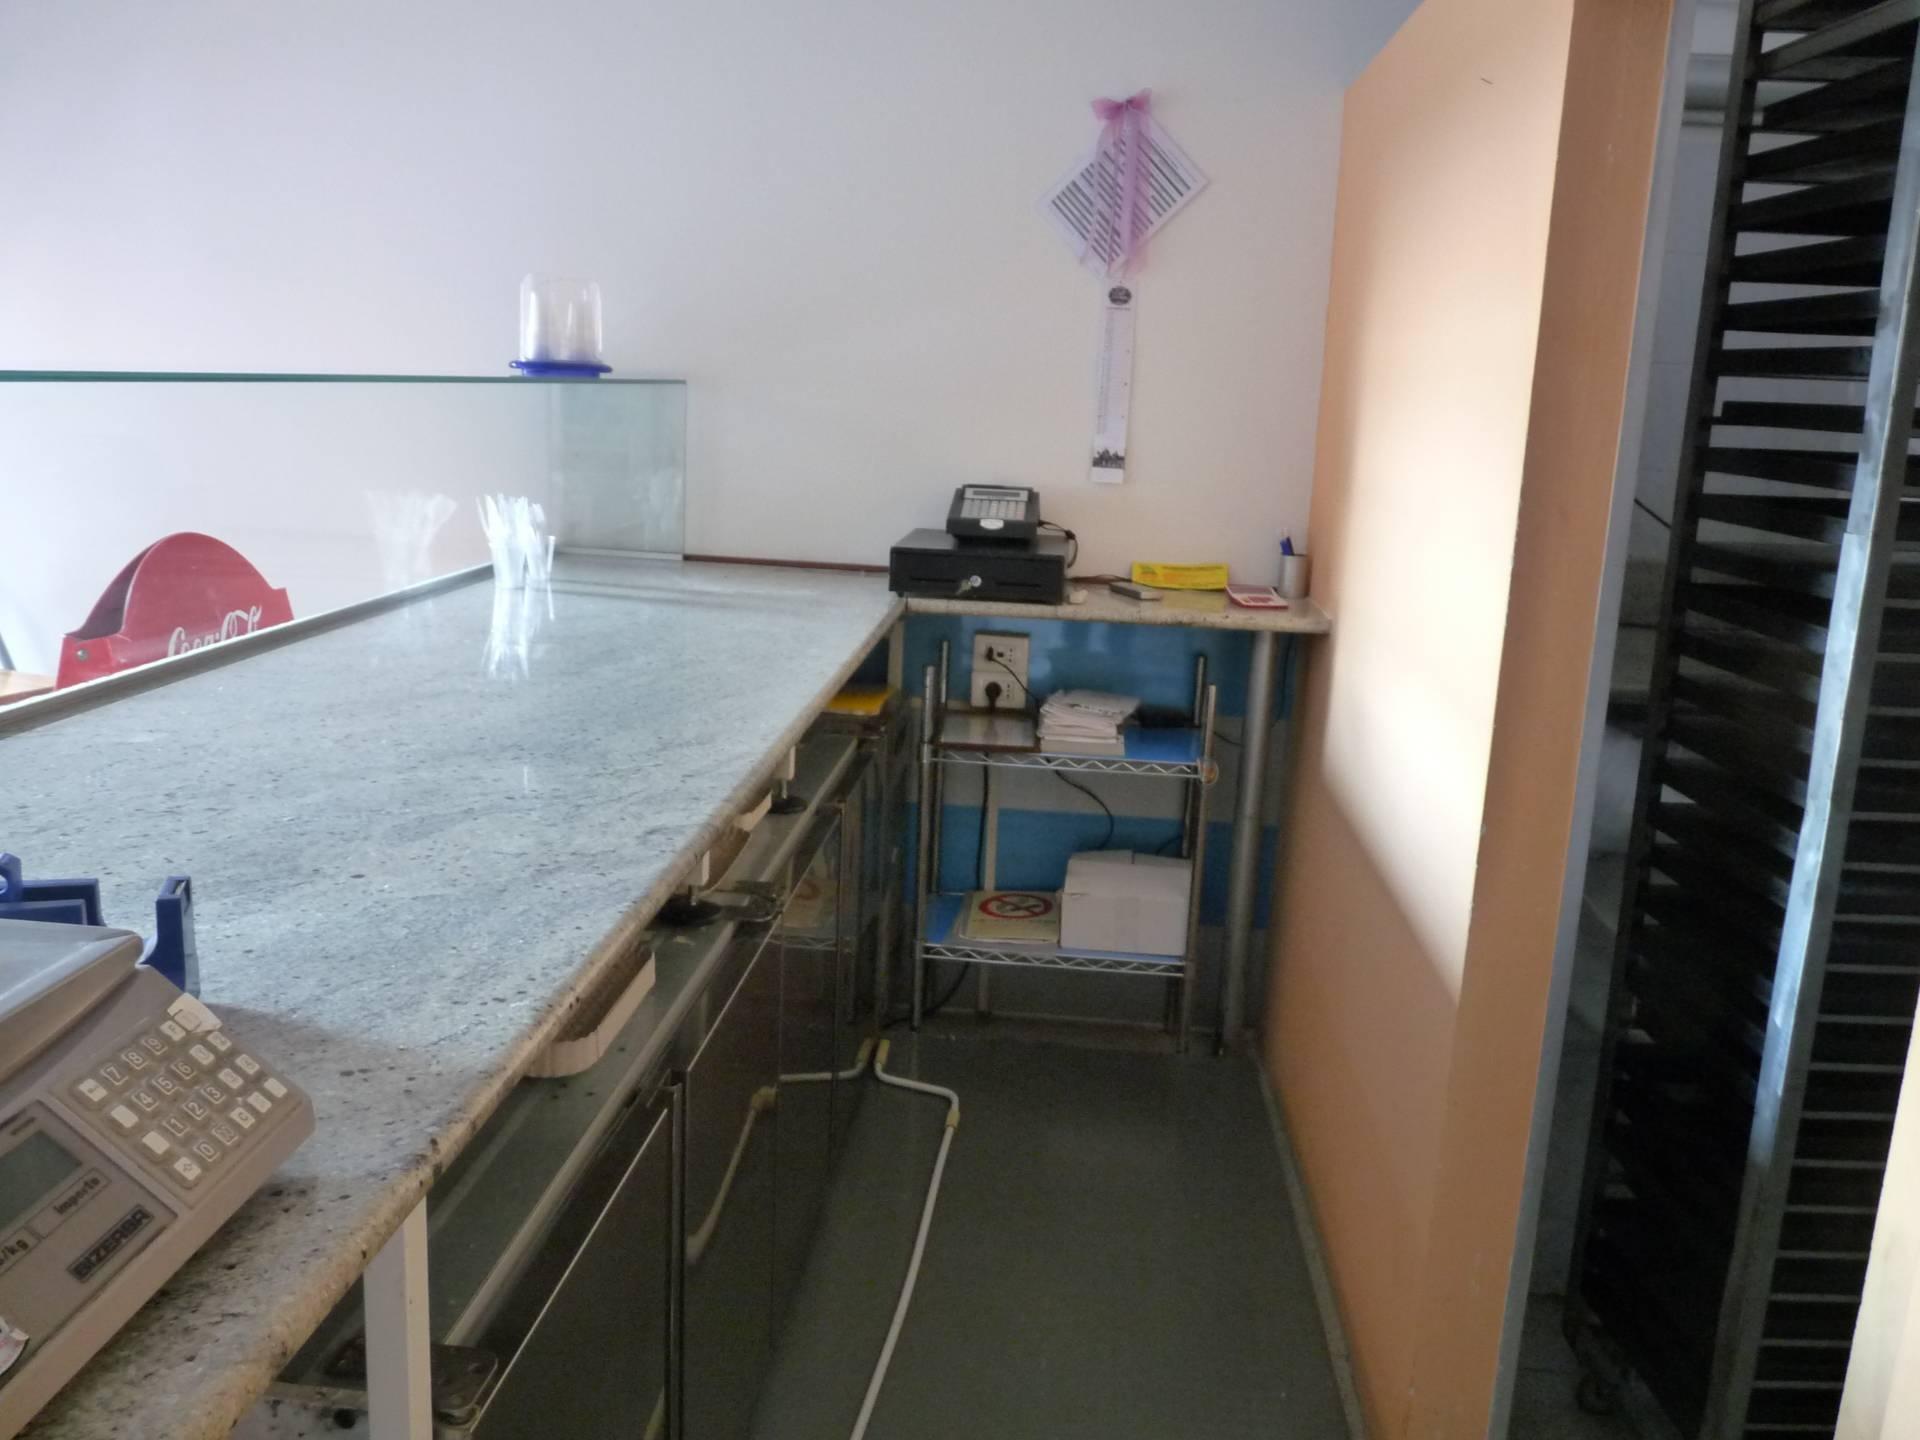 Ufficio / Studio in affitto a Verona, 9999 locali, zona Località: Navigatori, prezzo € 500 | CambioCasa.it